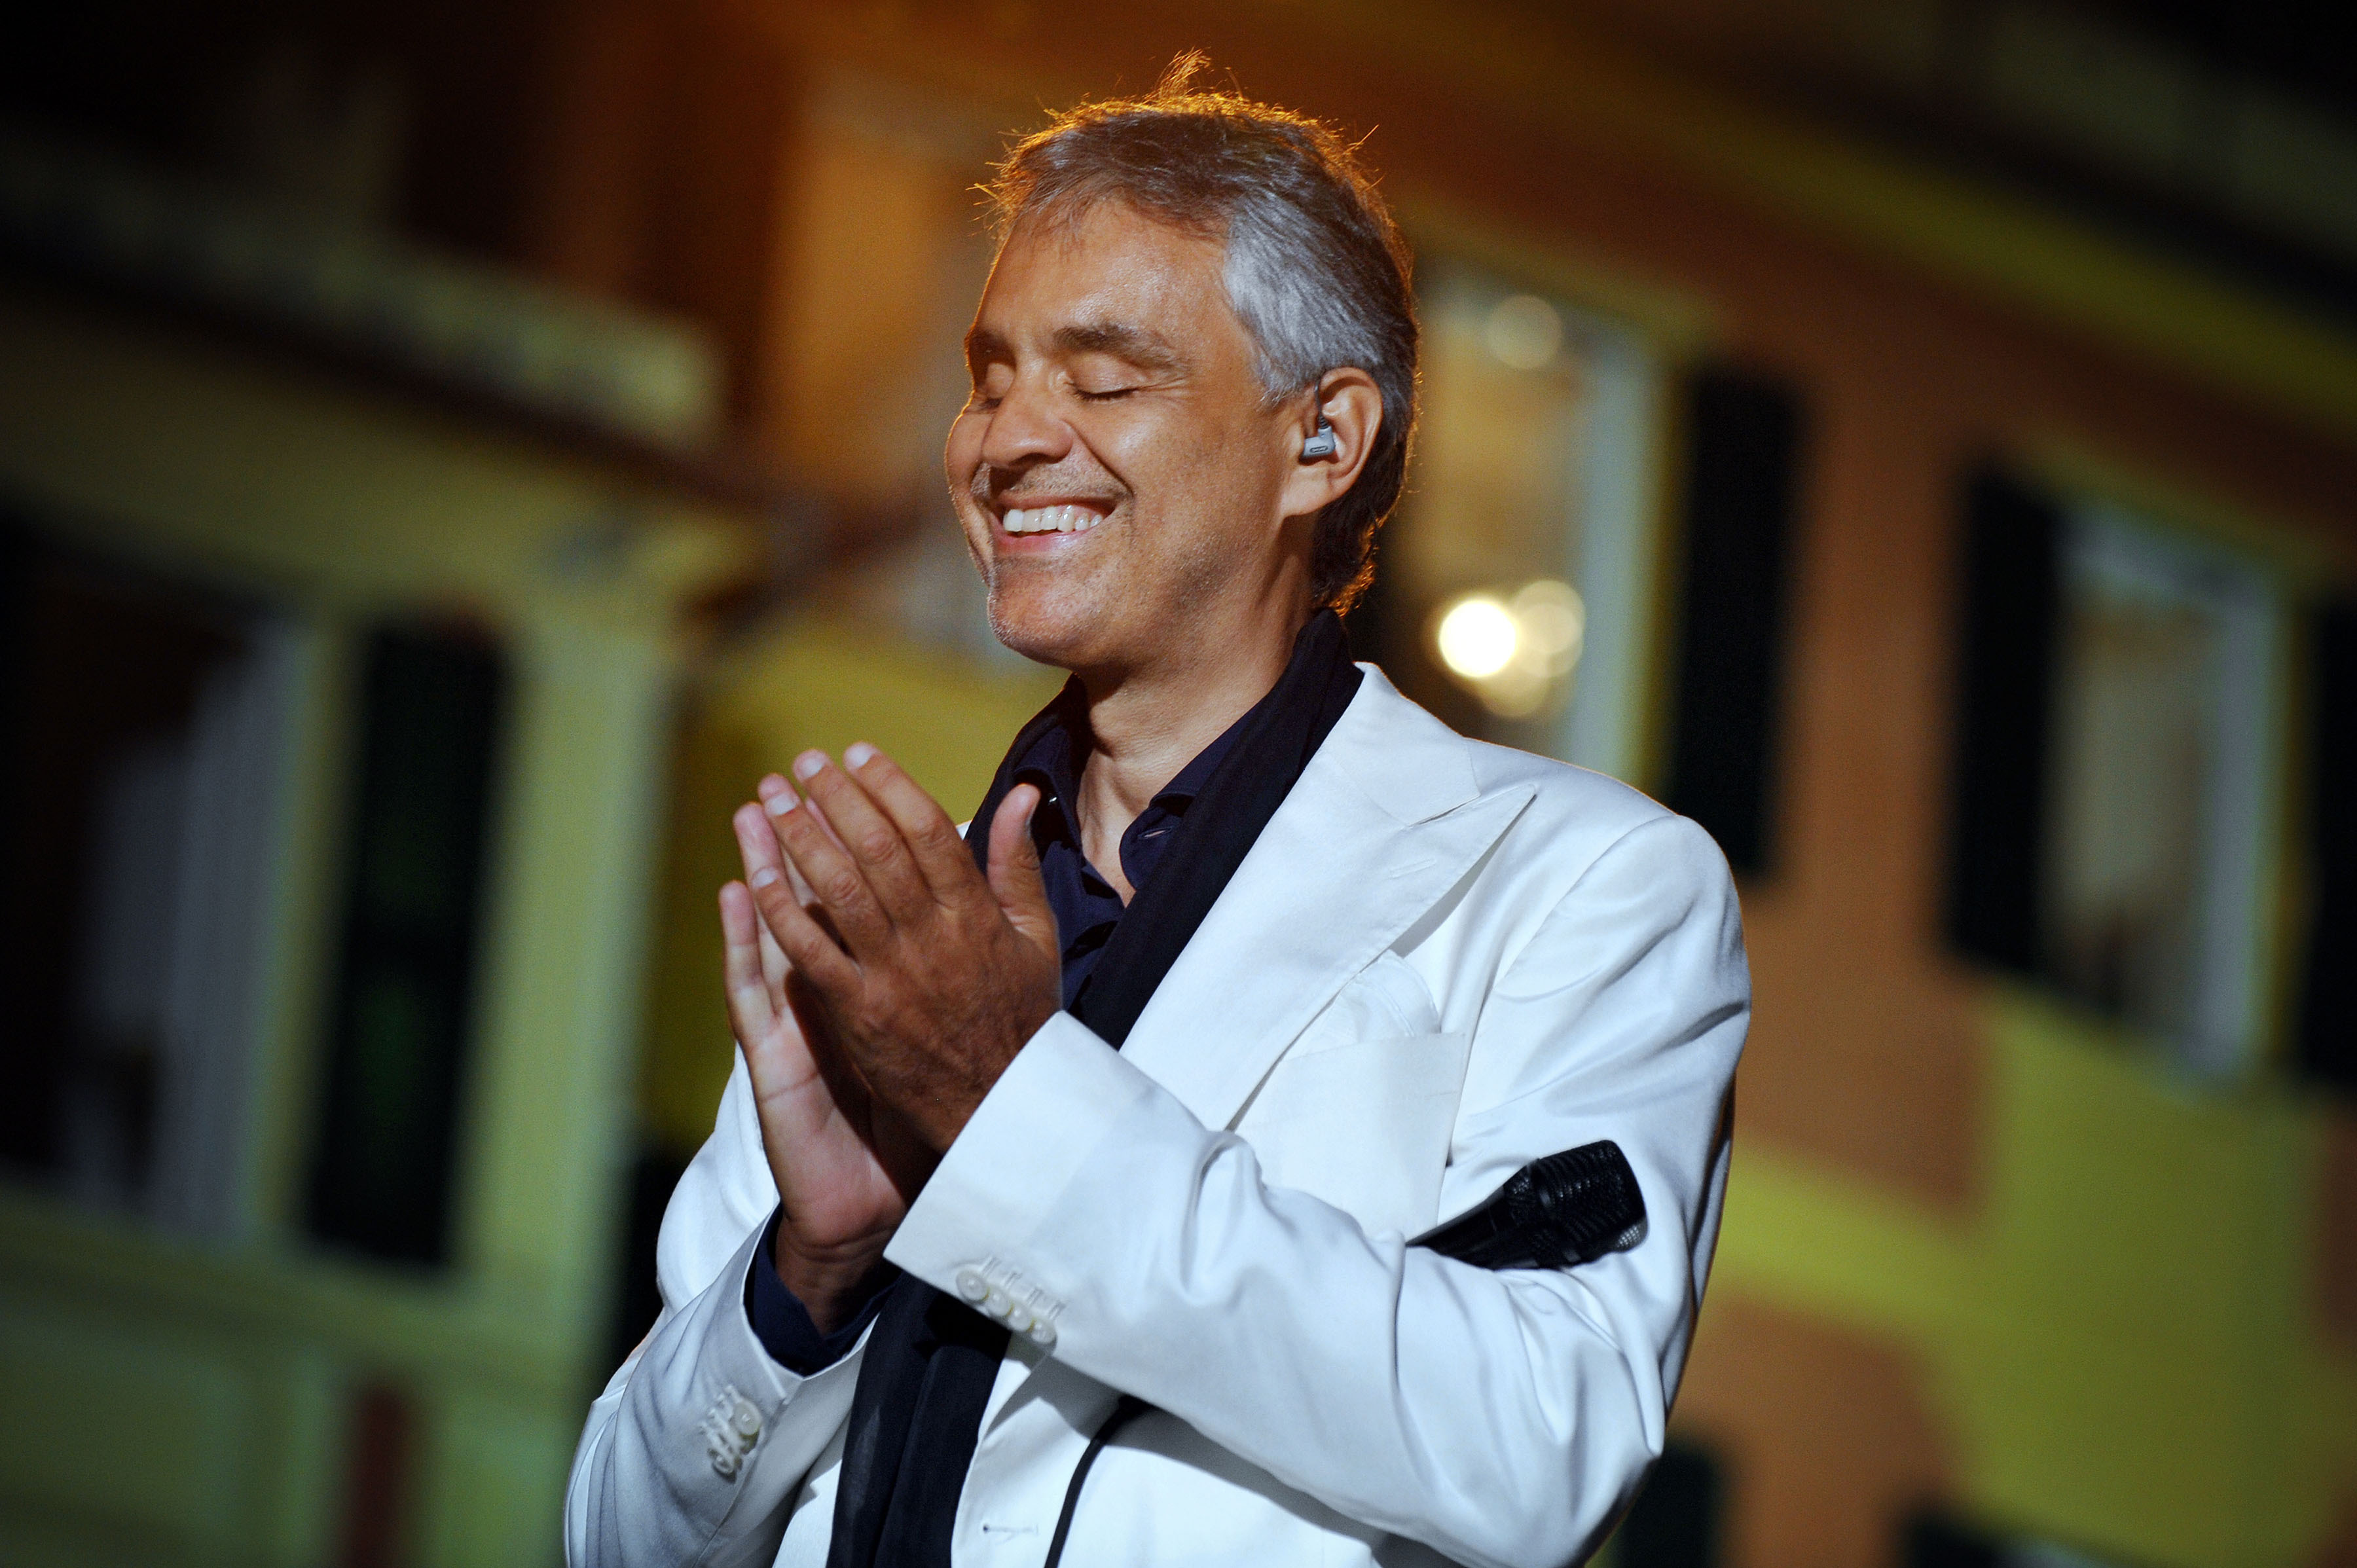 Andrea Bocelli Photos